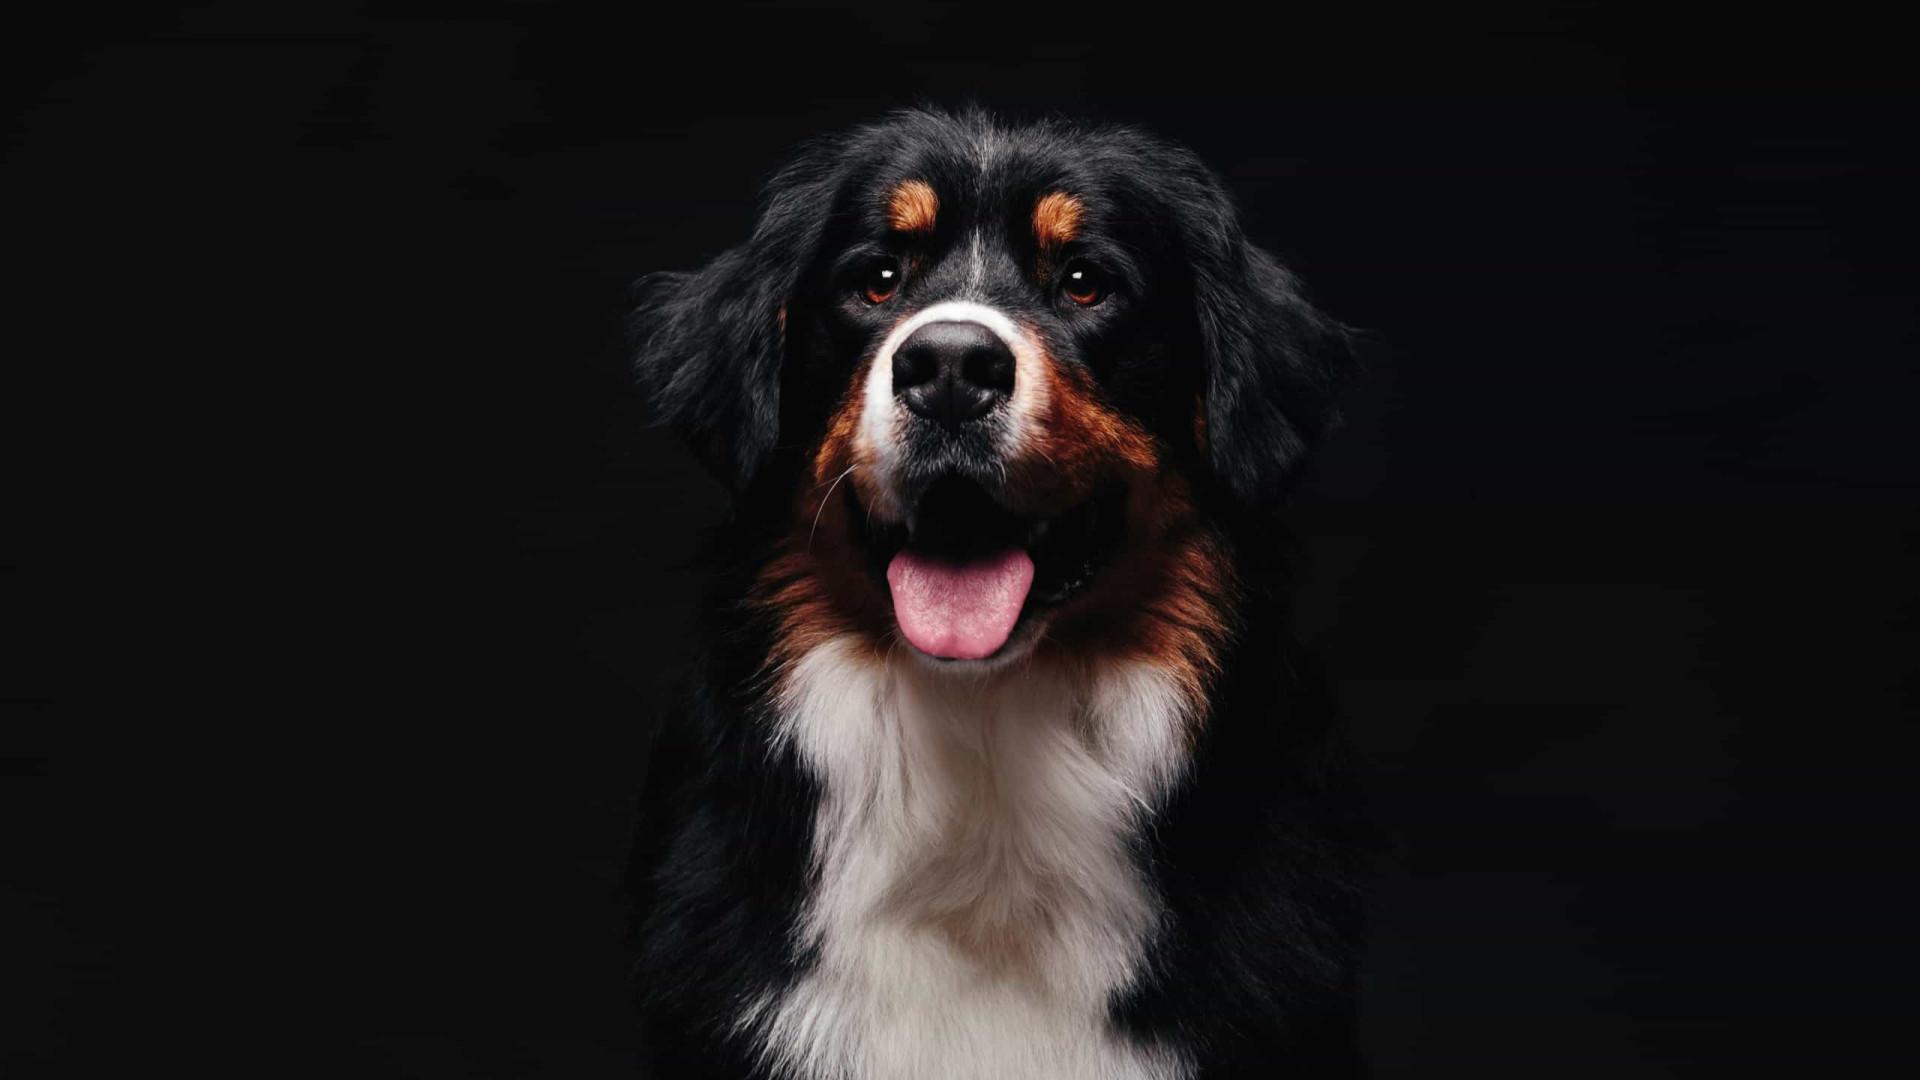 O stress sentido pelos humanos contagia cães, alerta pesquisa